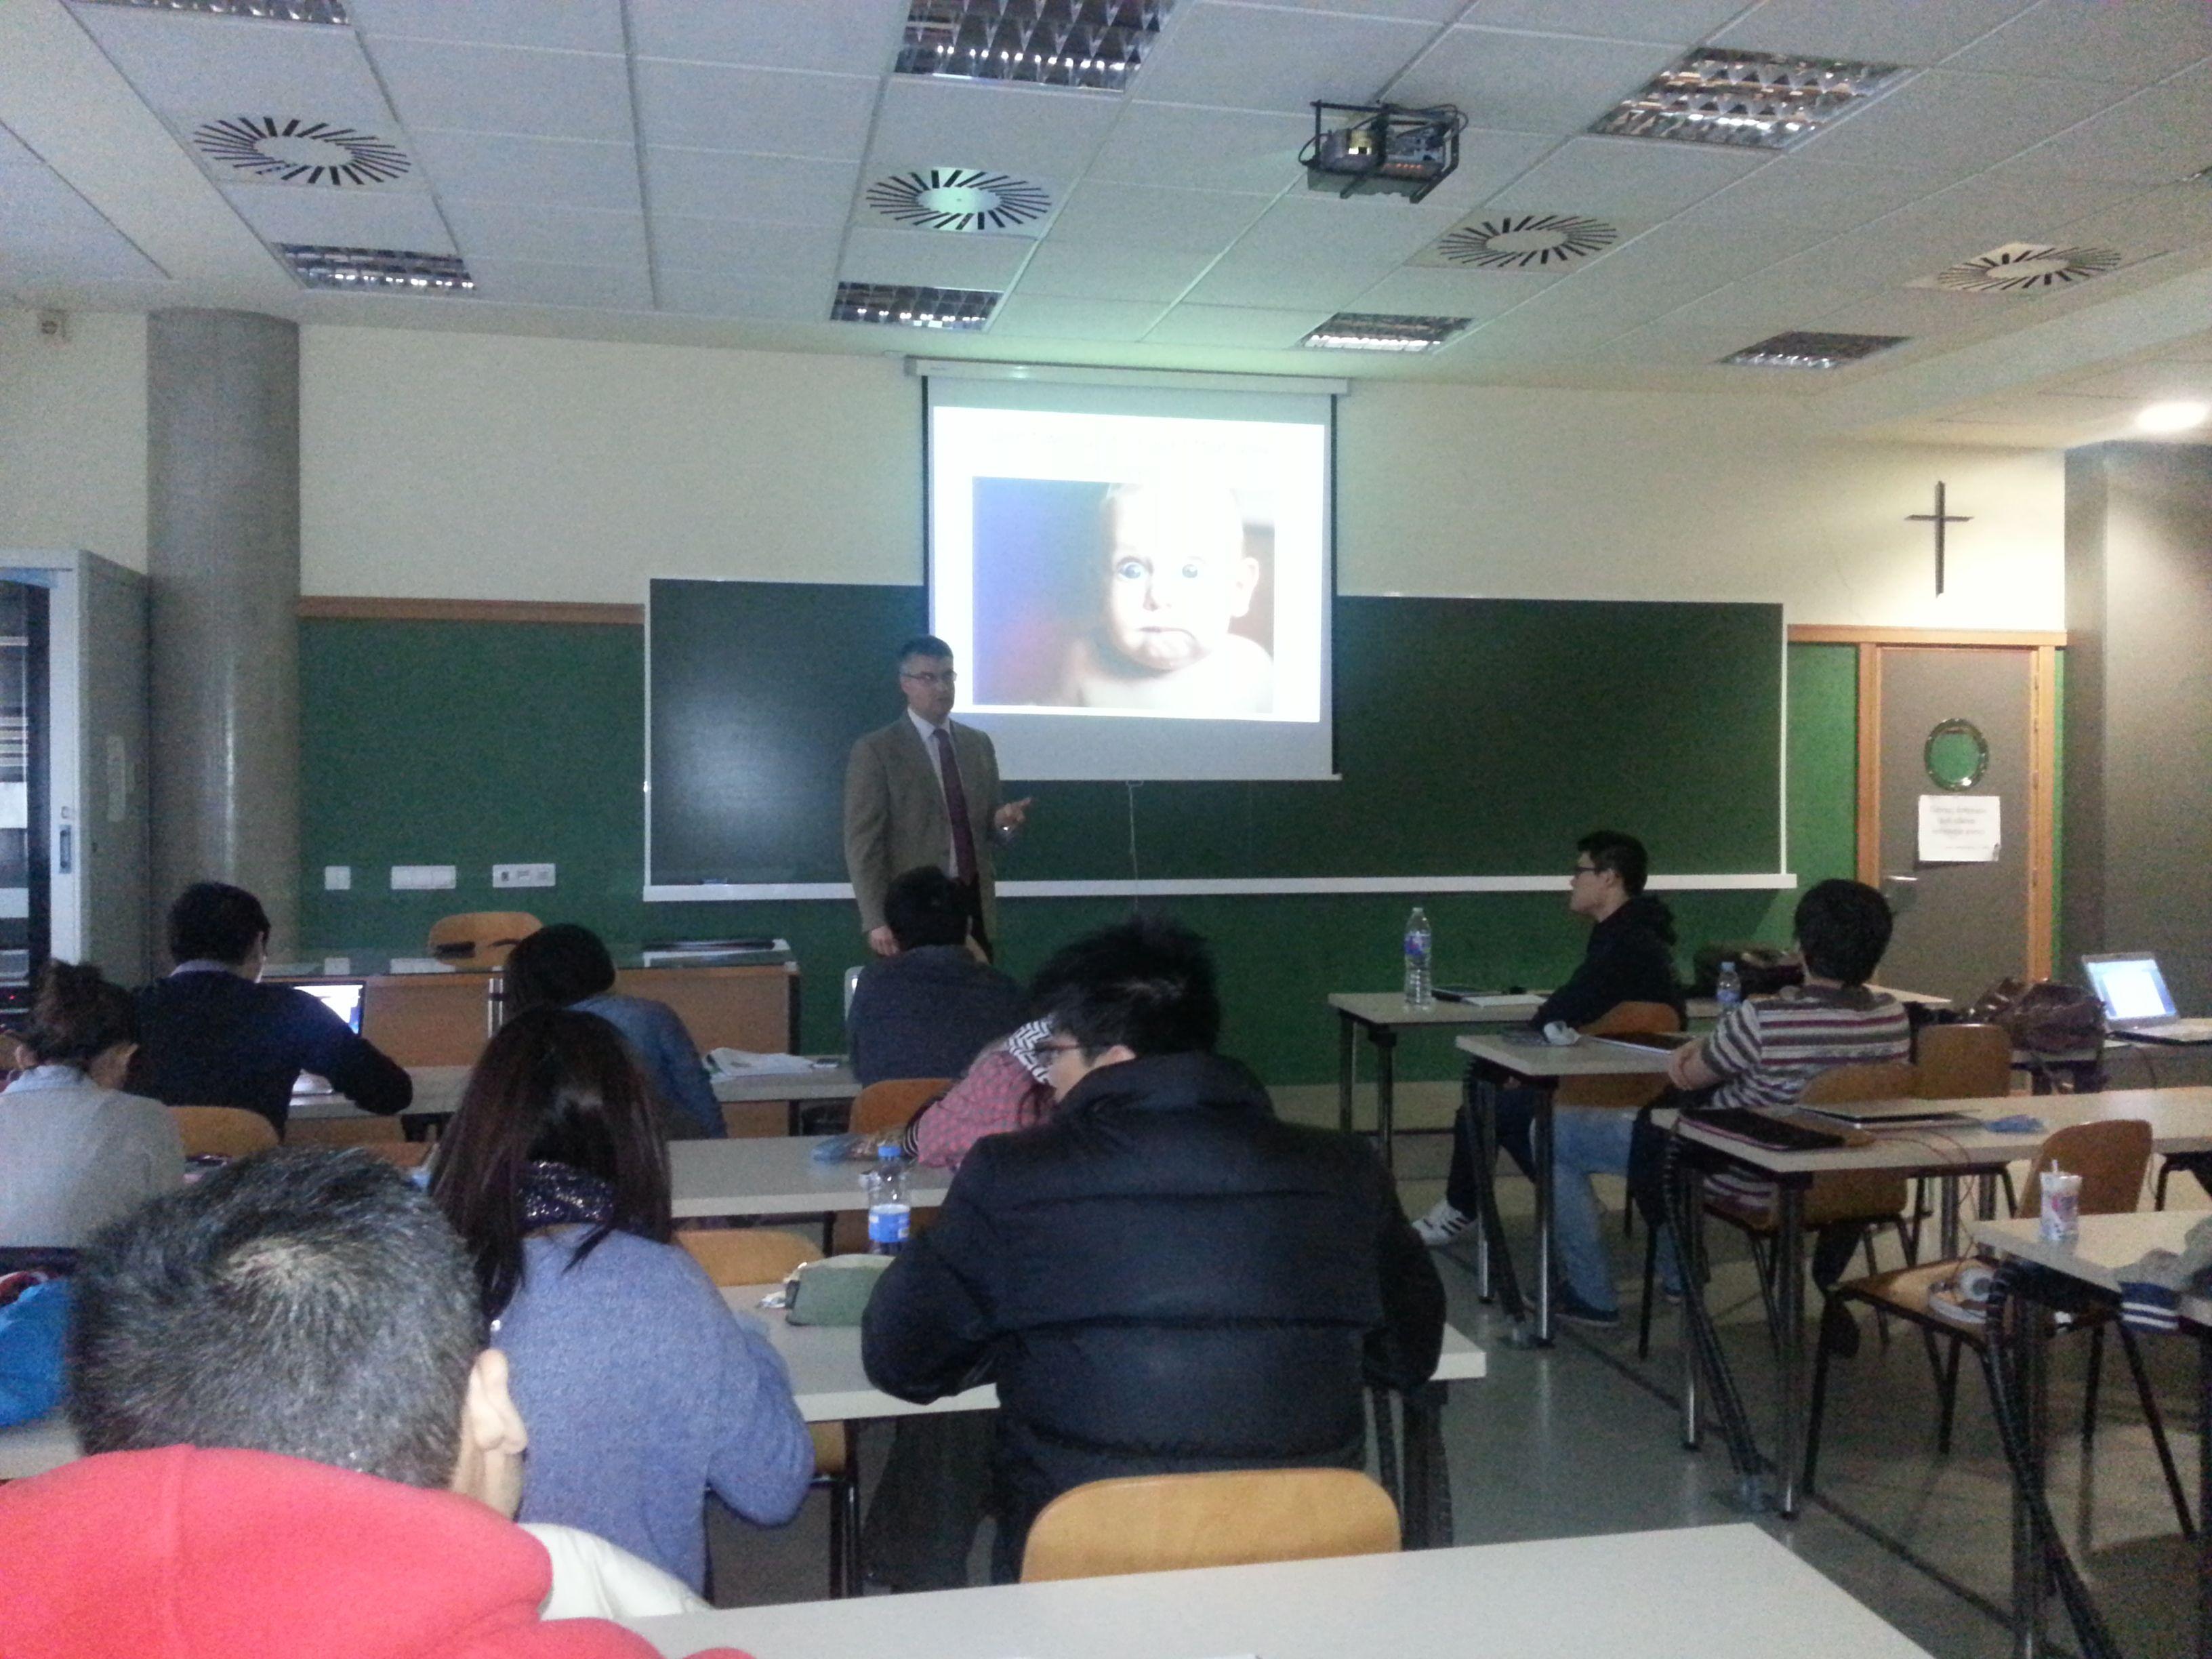 Ramon Ferrandis impartiendo una master class en el cuadro de CEU emprende